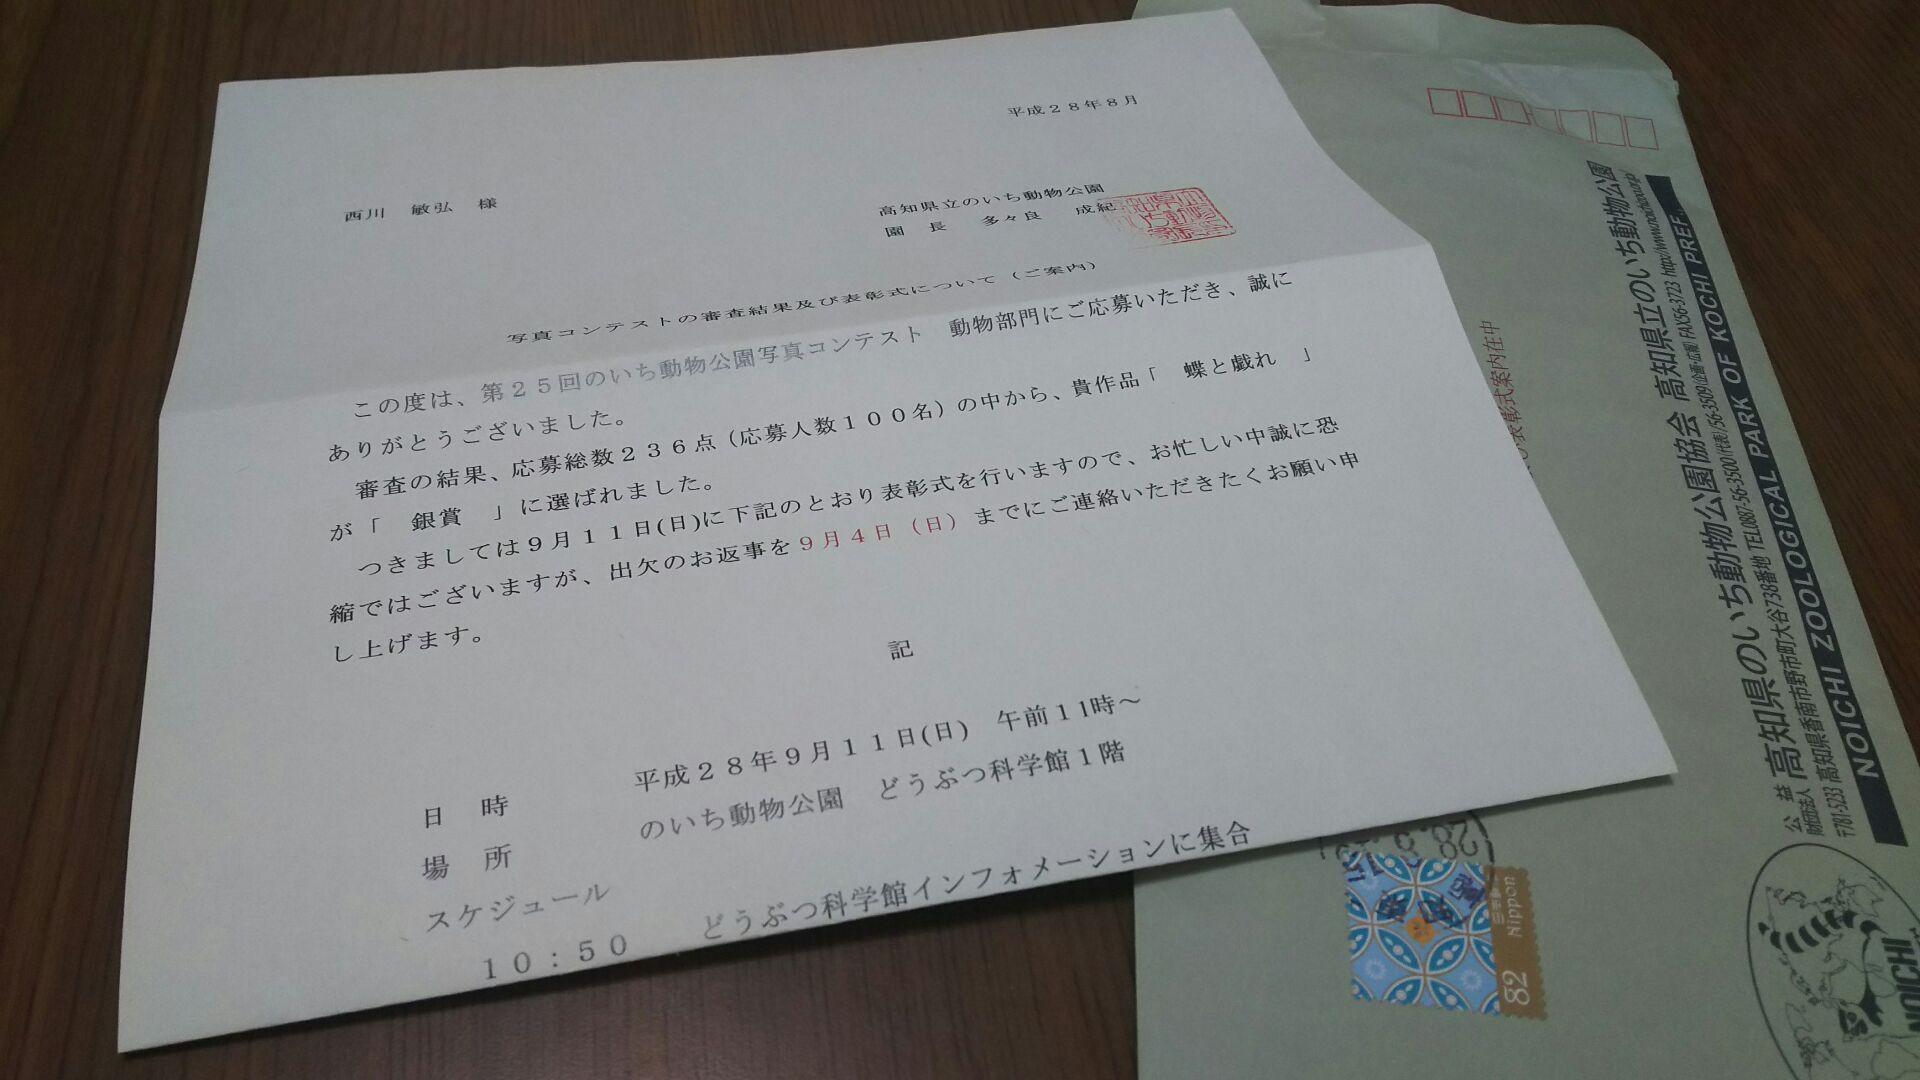 高知県立のいち動物公園写真コンテスト銀賞入賞通知_a0288226_2512313.jpg